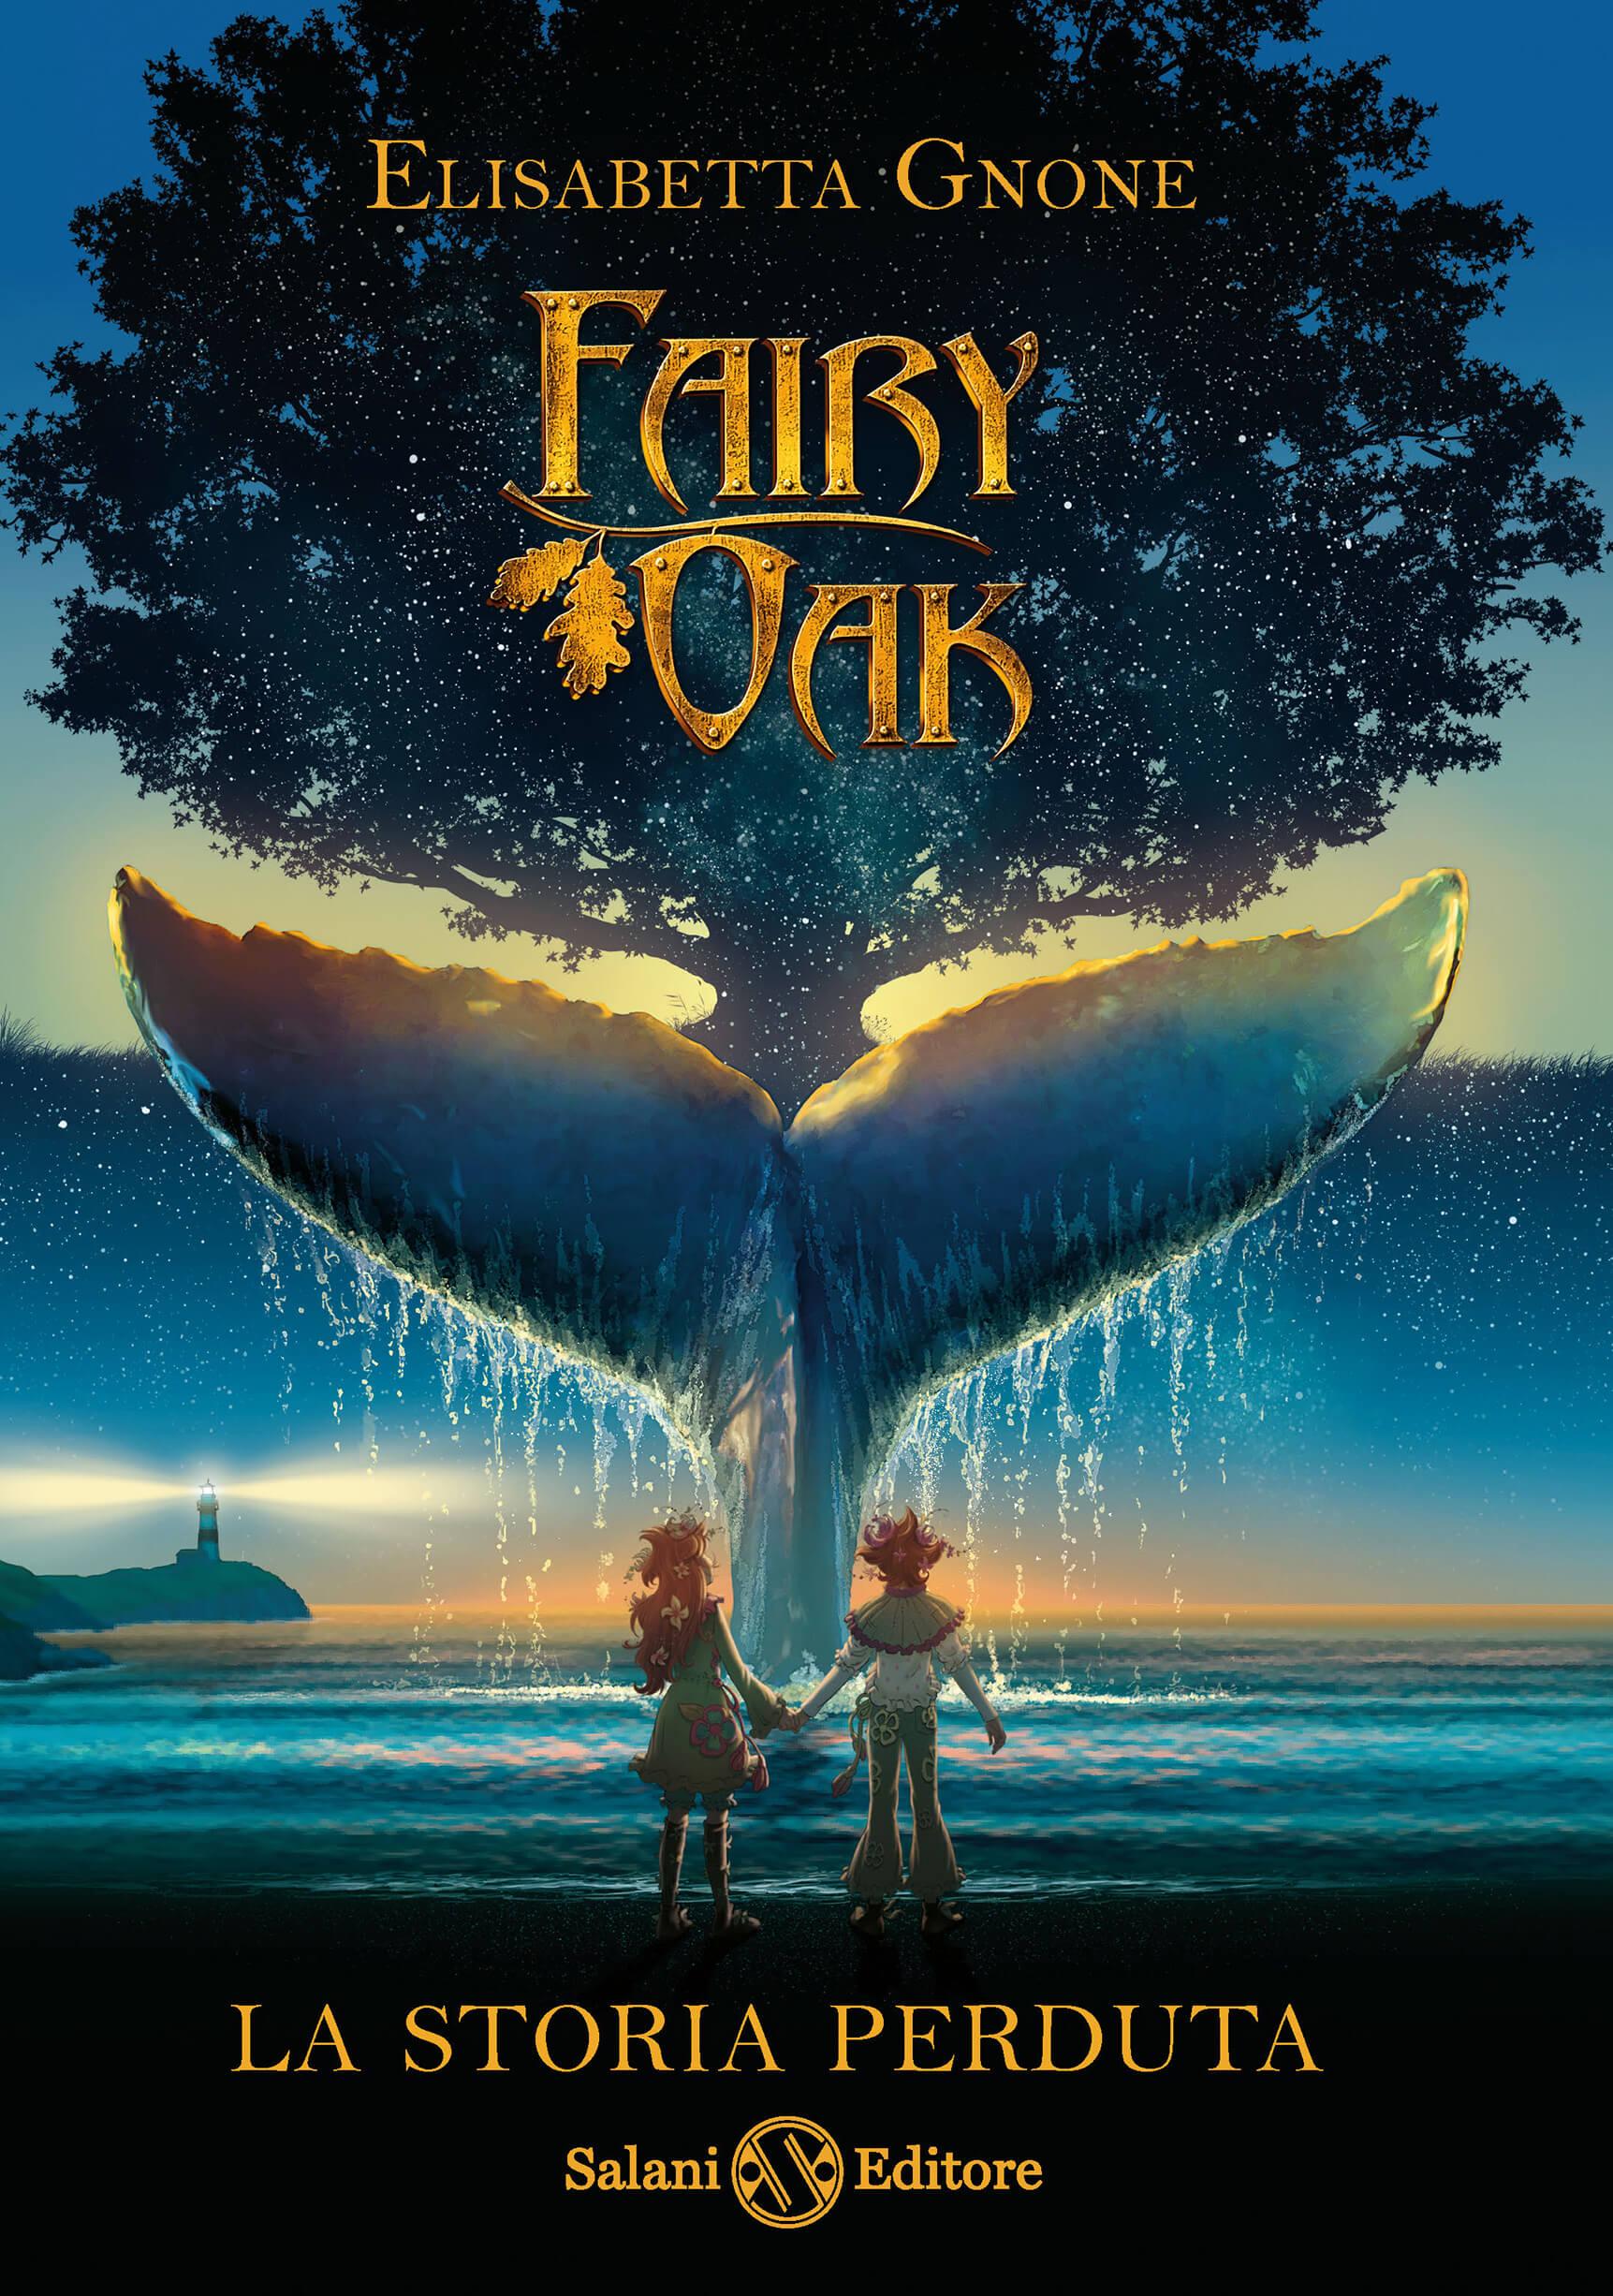 copertina fairy oak la storia perduta elisabetta gnone